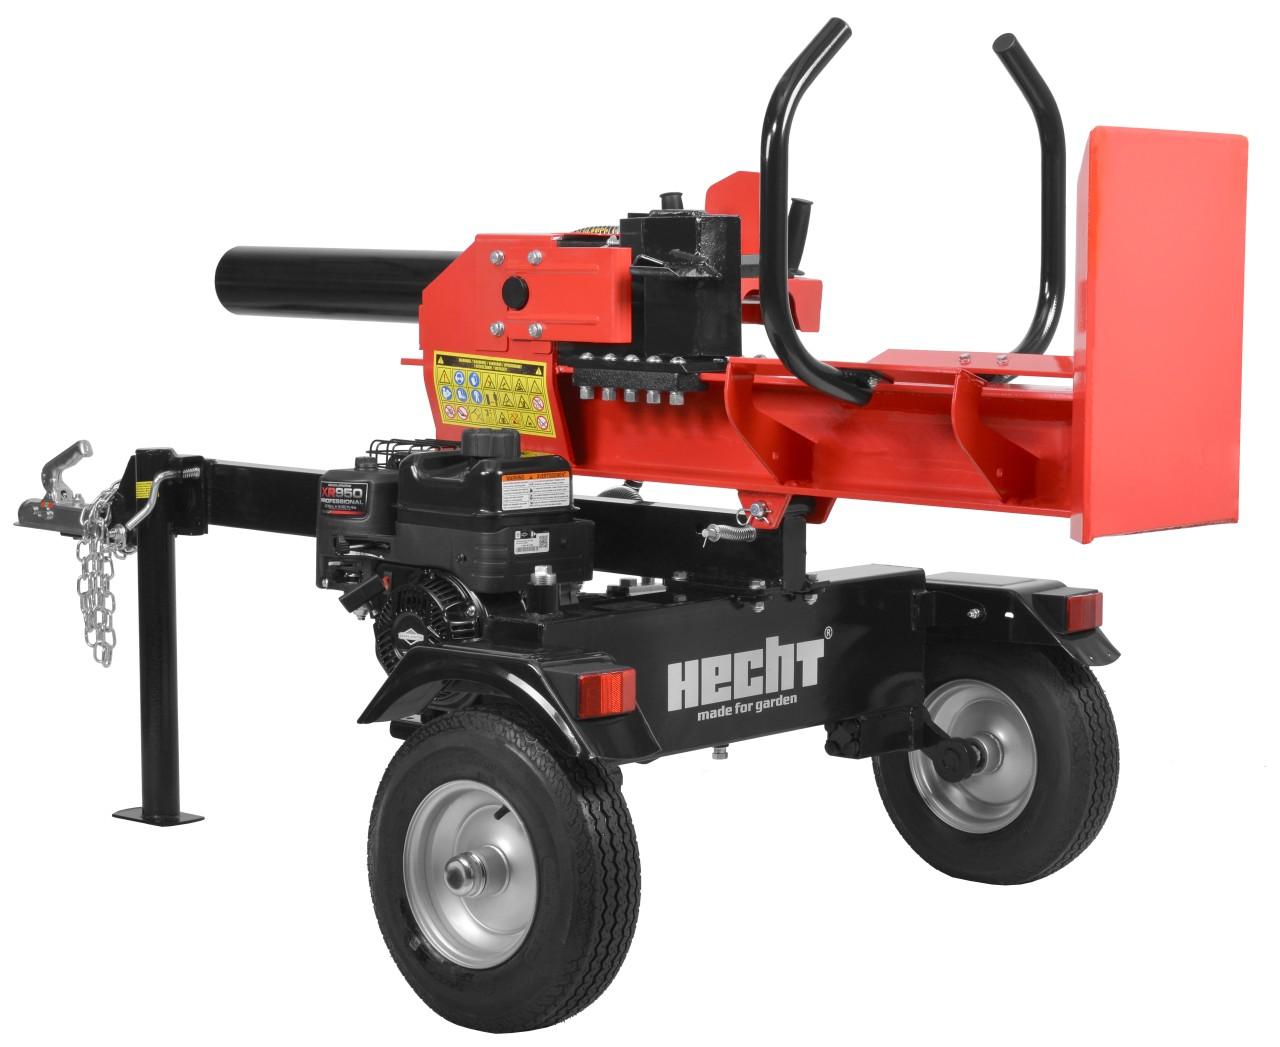 HECHT 6422 - motorový štípač